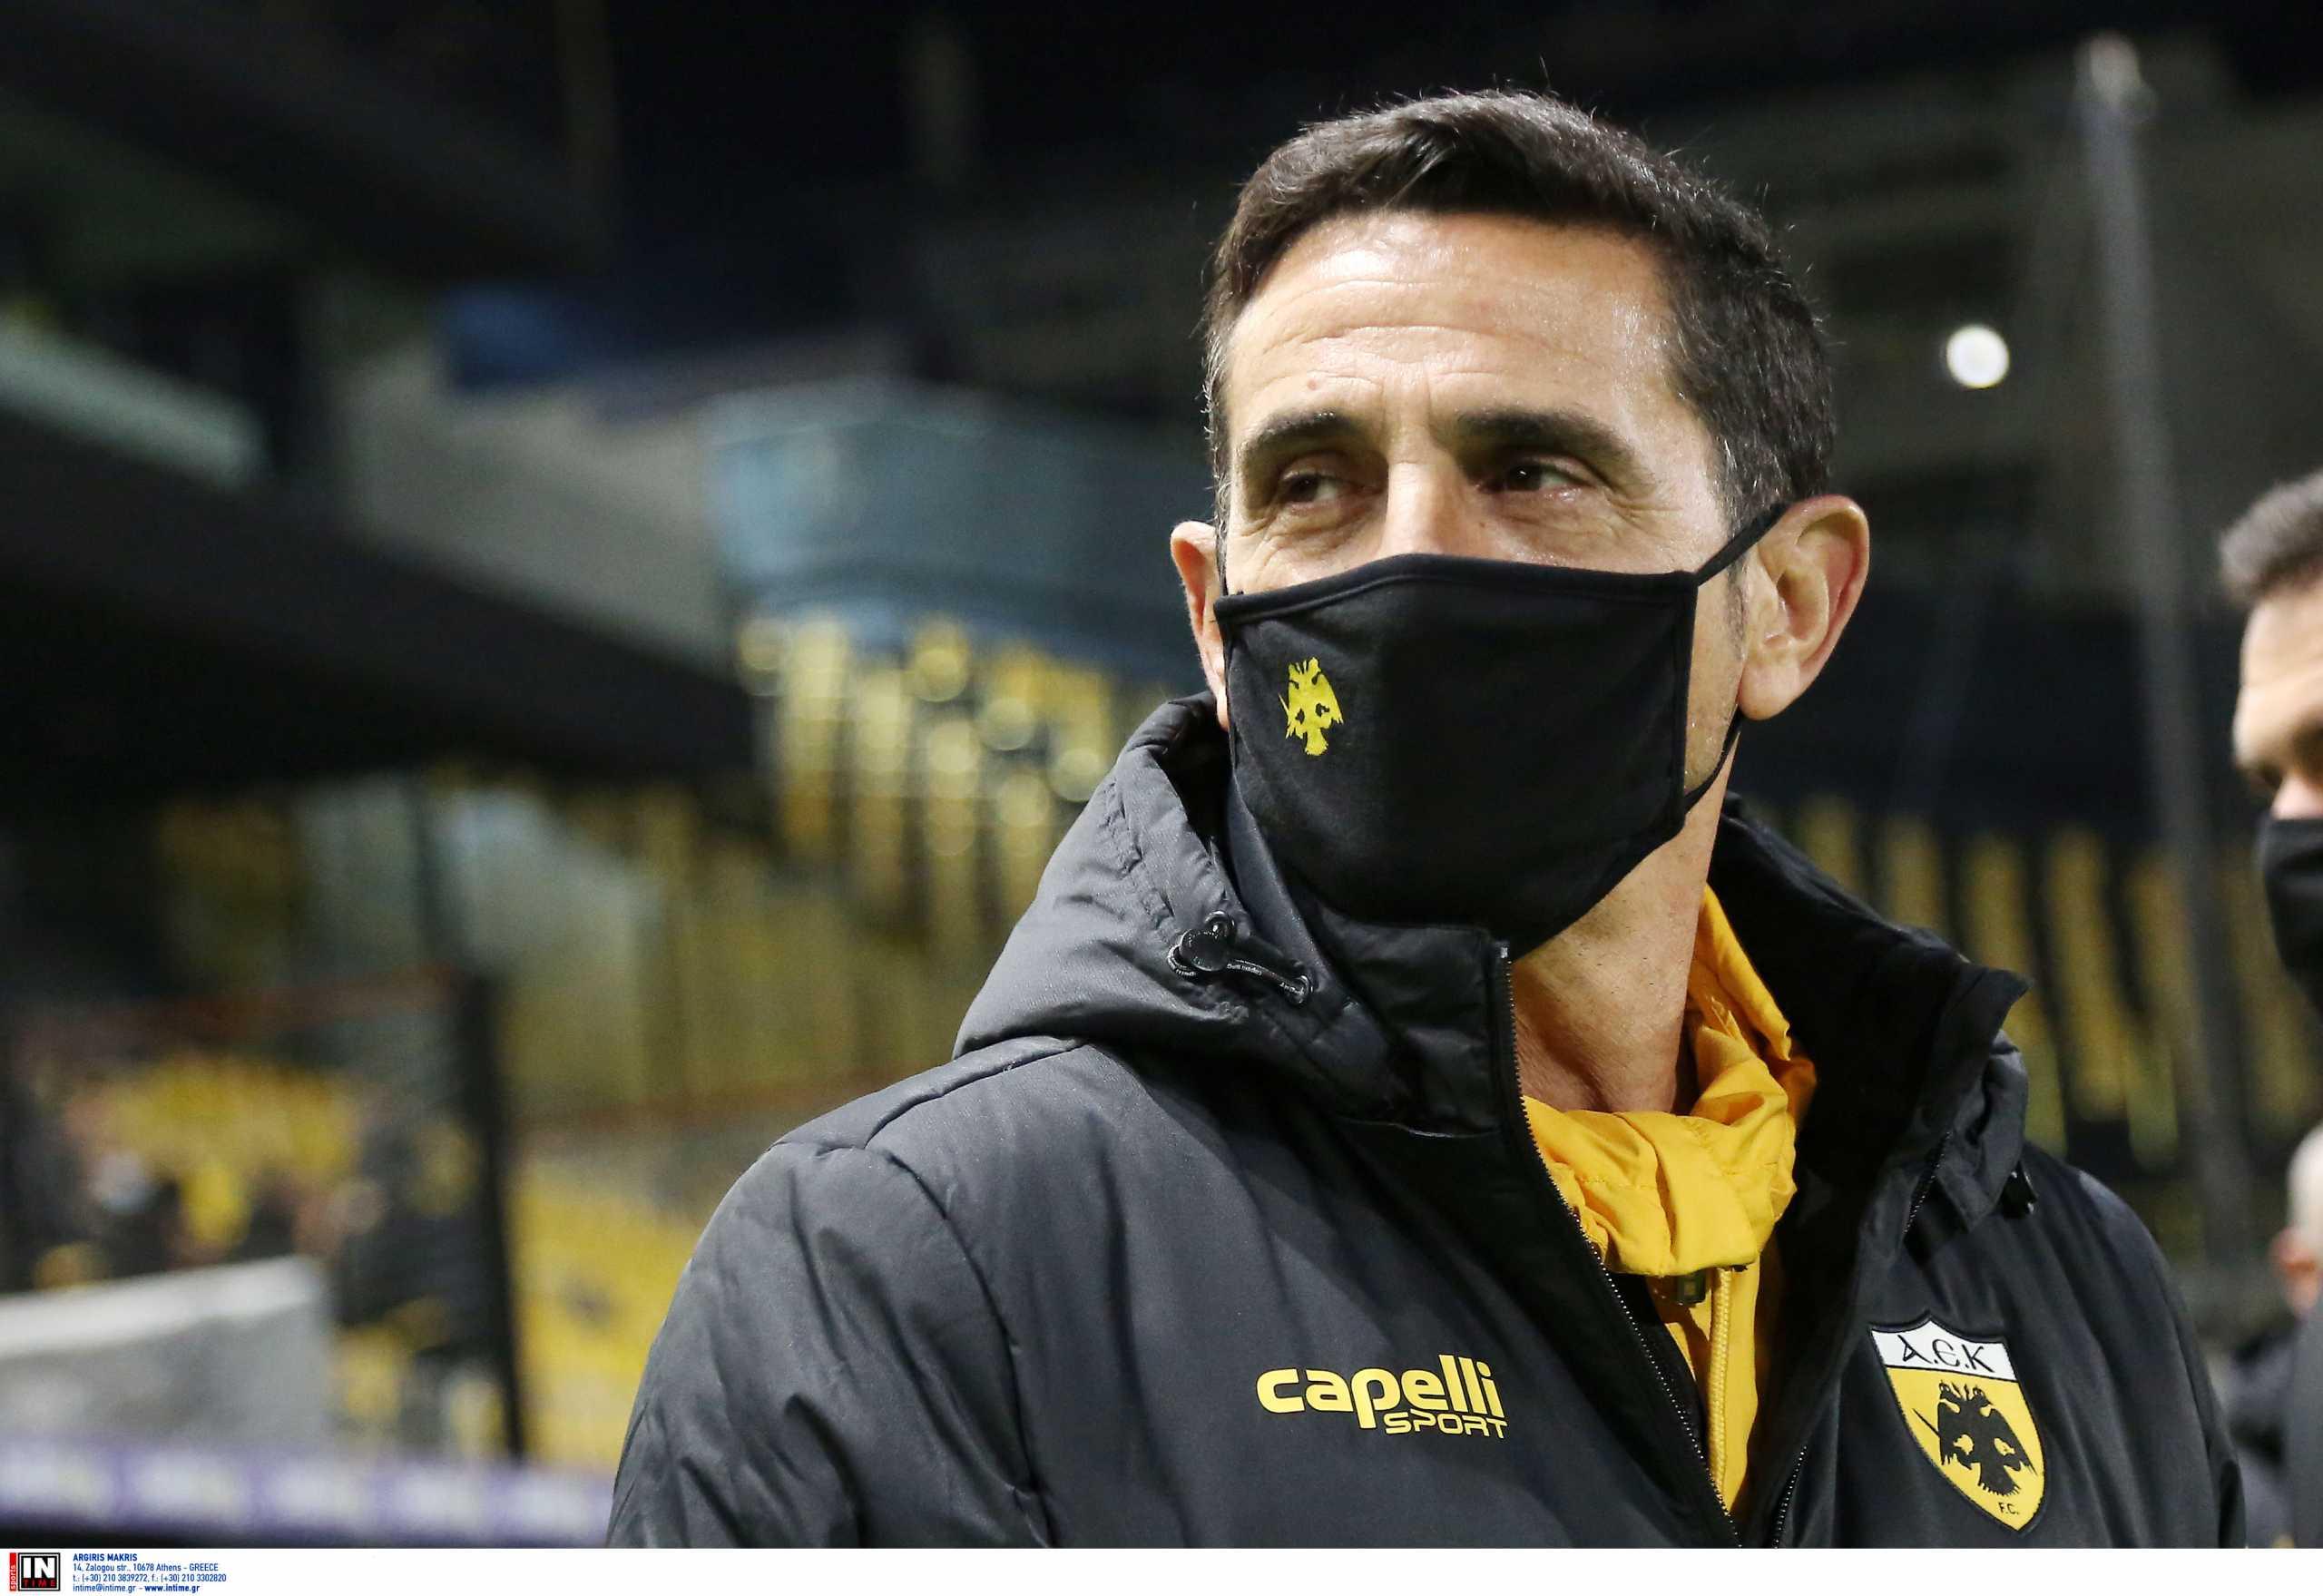 ΑΕΚ: «Δεν μπορούν άλλο οι παίκτες, επαιξε σχεδόν τραυματίας ο Μάνταλος» είπε ο Χιμένεθ